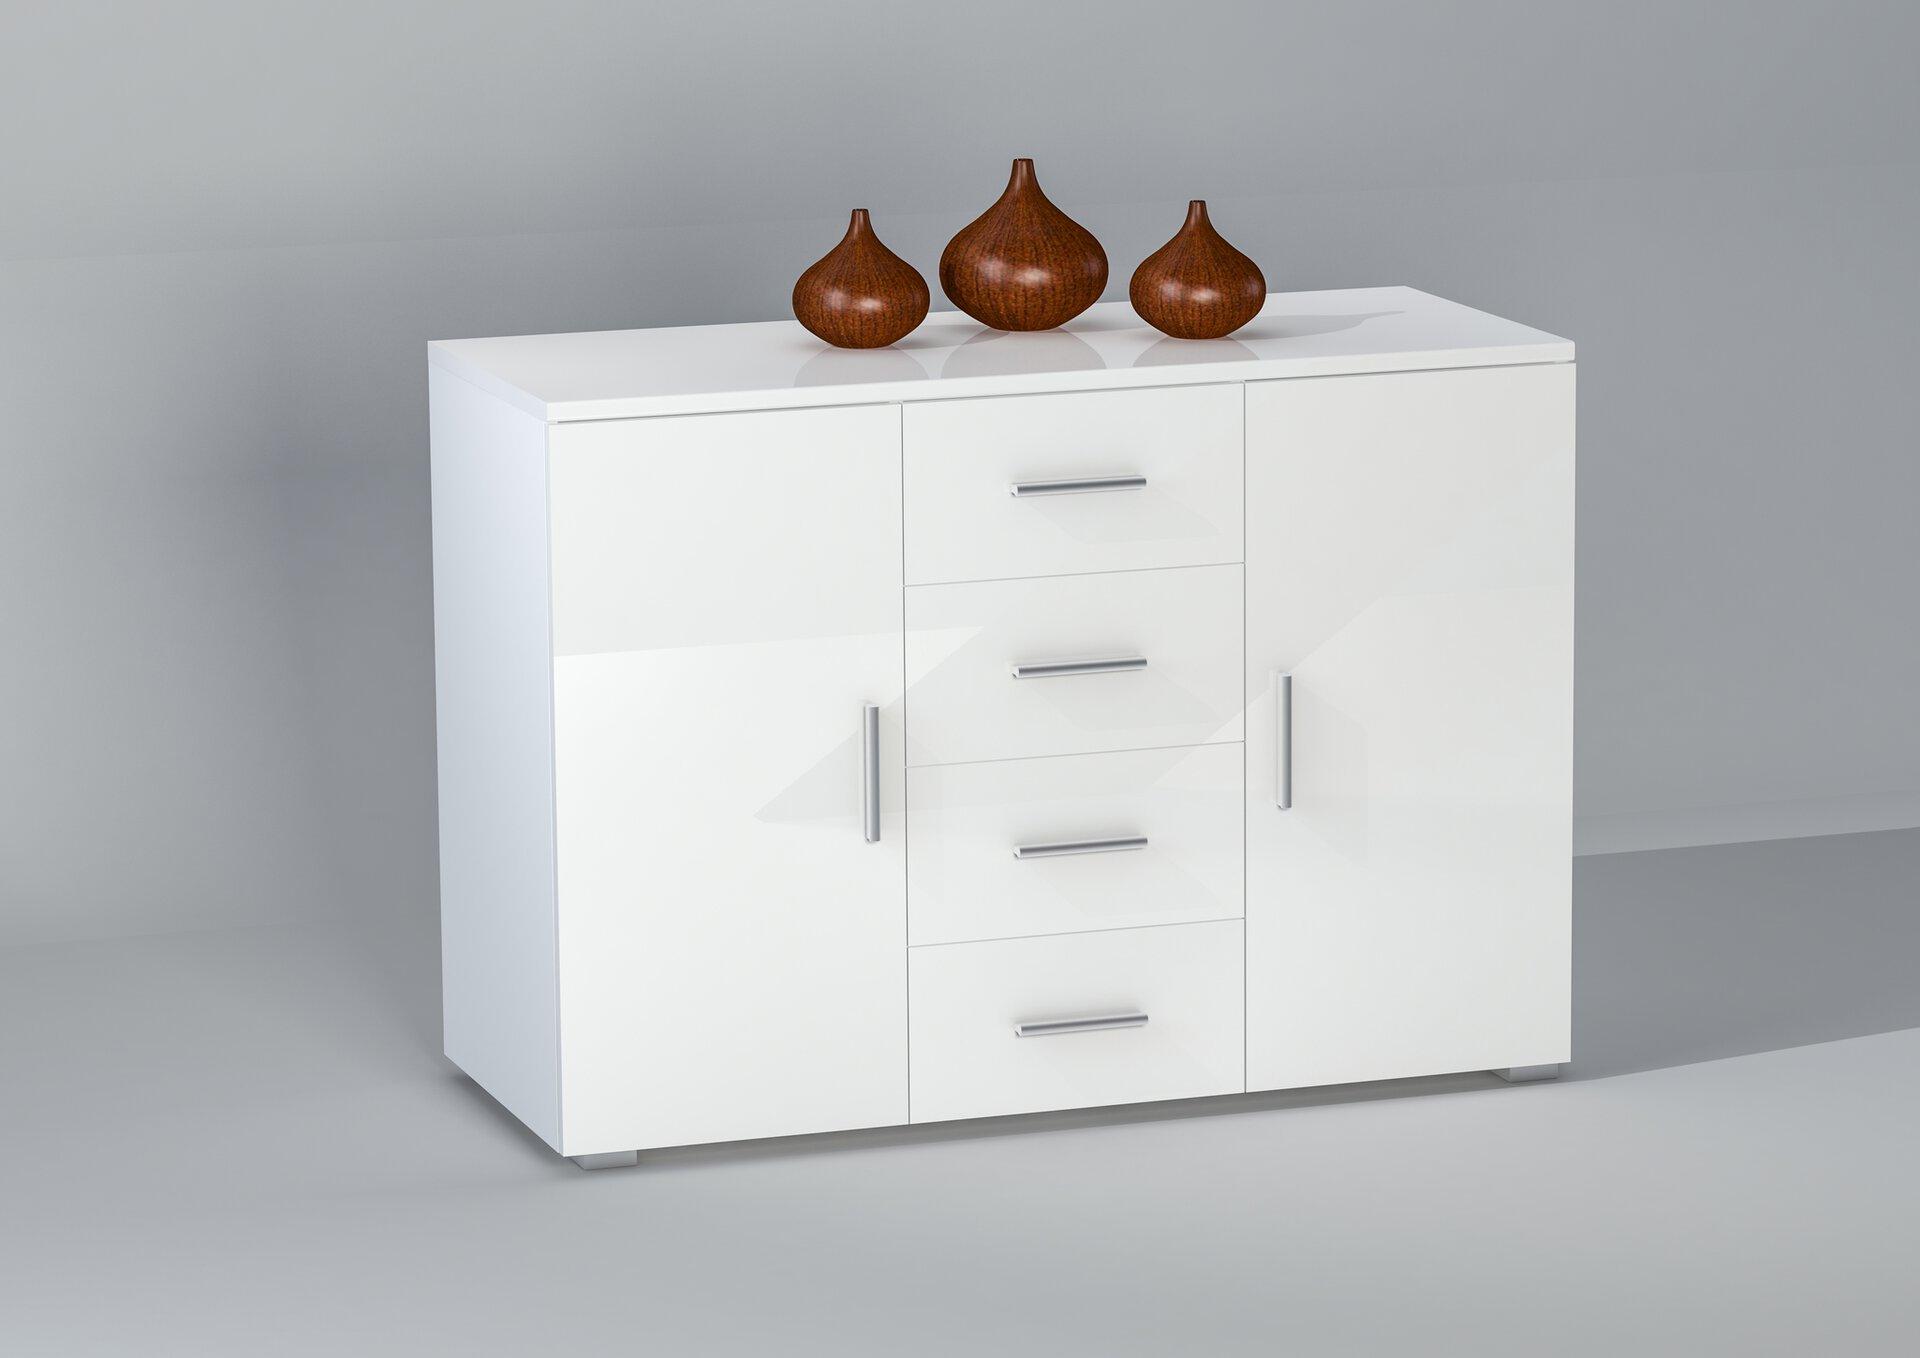 Kommode PEDRO inbuy Holzwerkstoff 48 x 86 x 120 cm